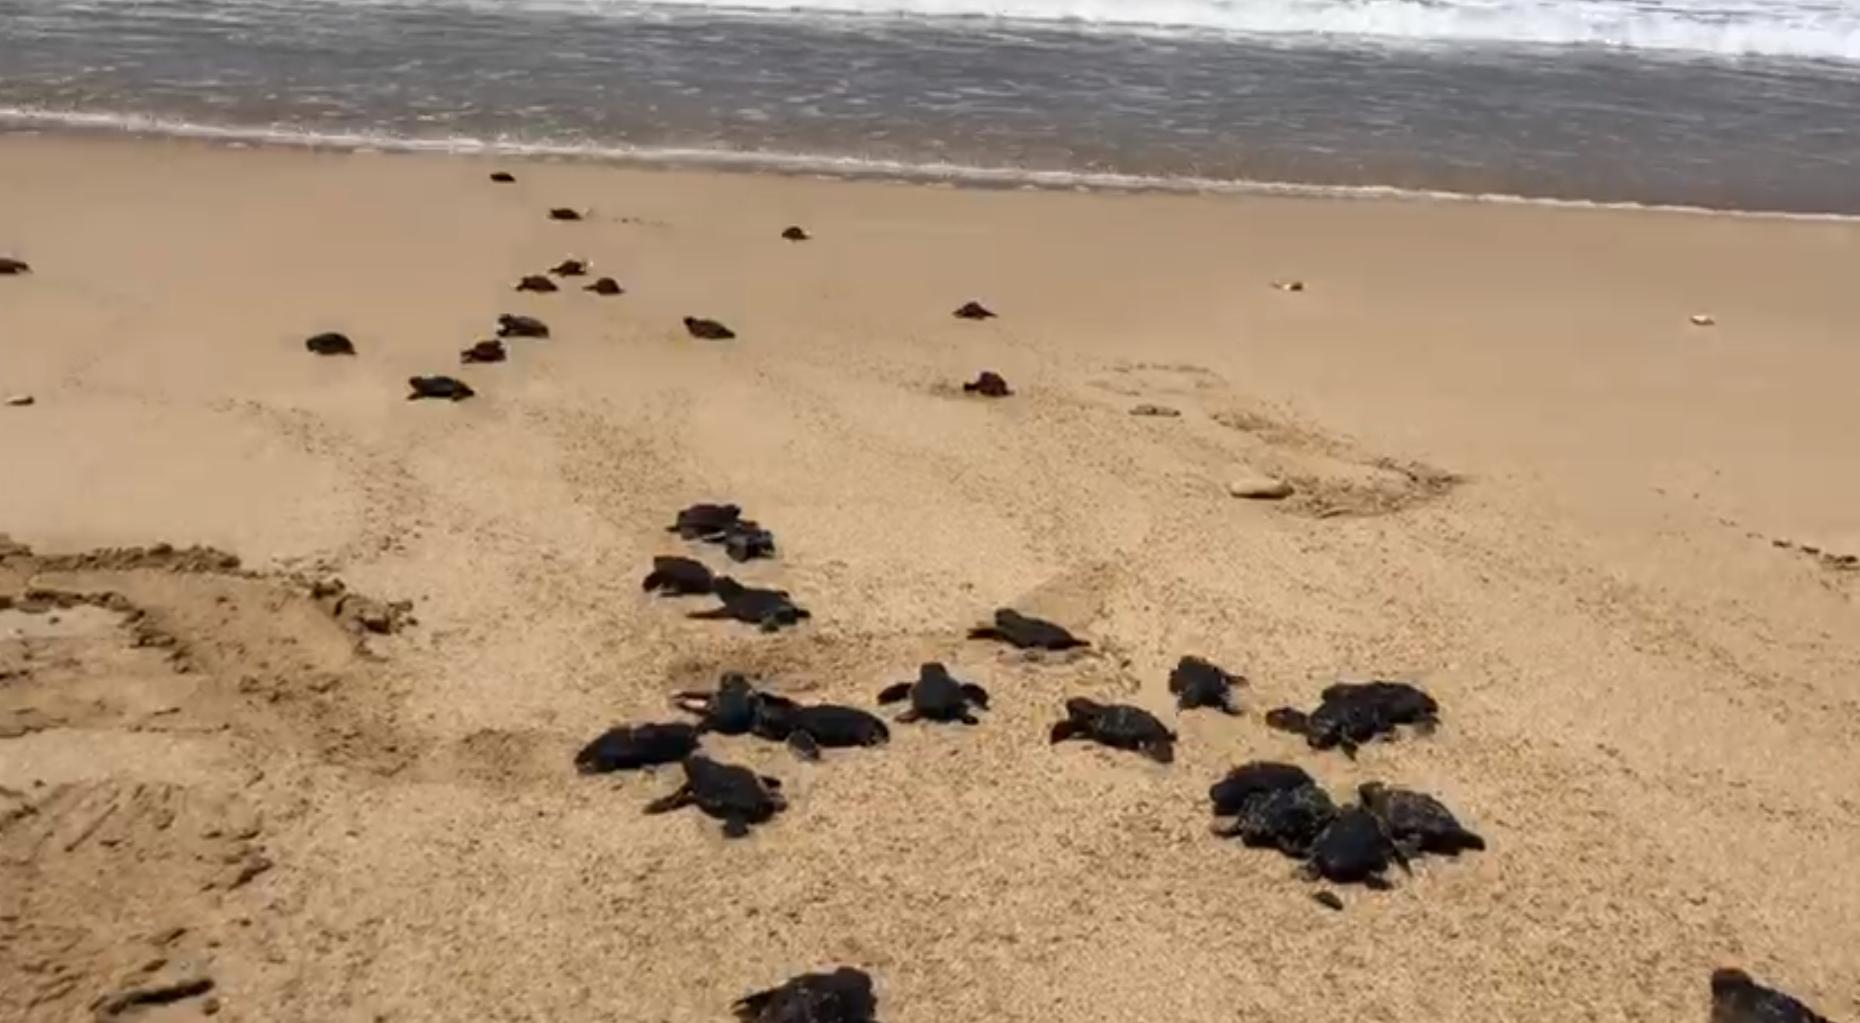 بالفيديو/ السلاحف البحرية تغزو شاطئ صور في مشهد جميل...وتنطلق إلى البحر!